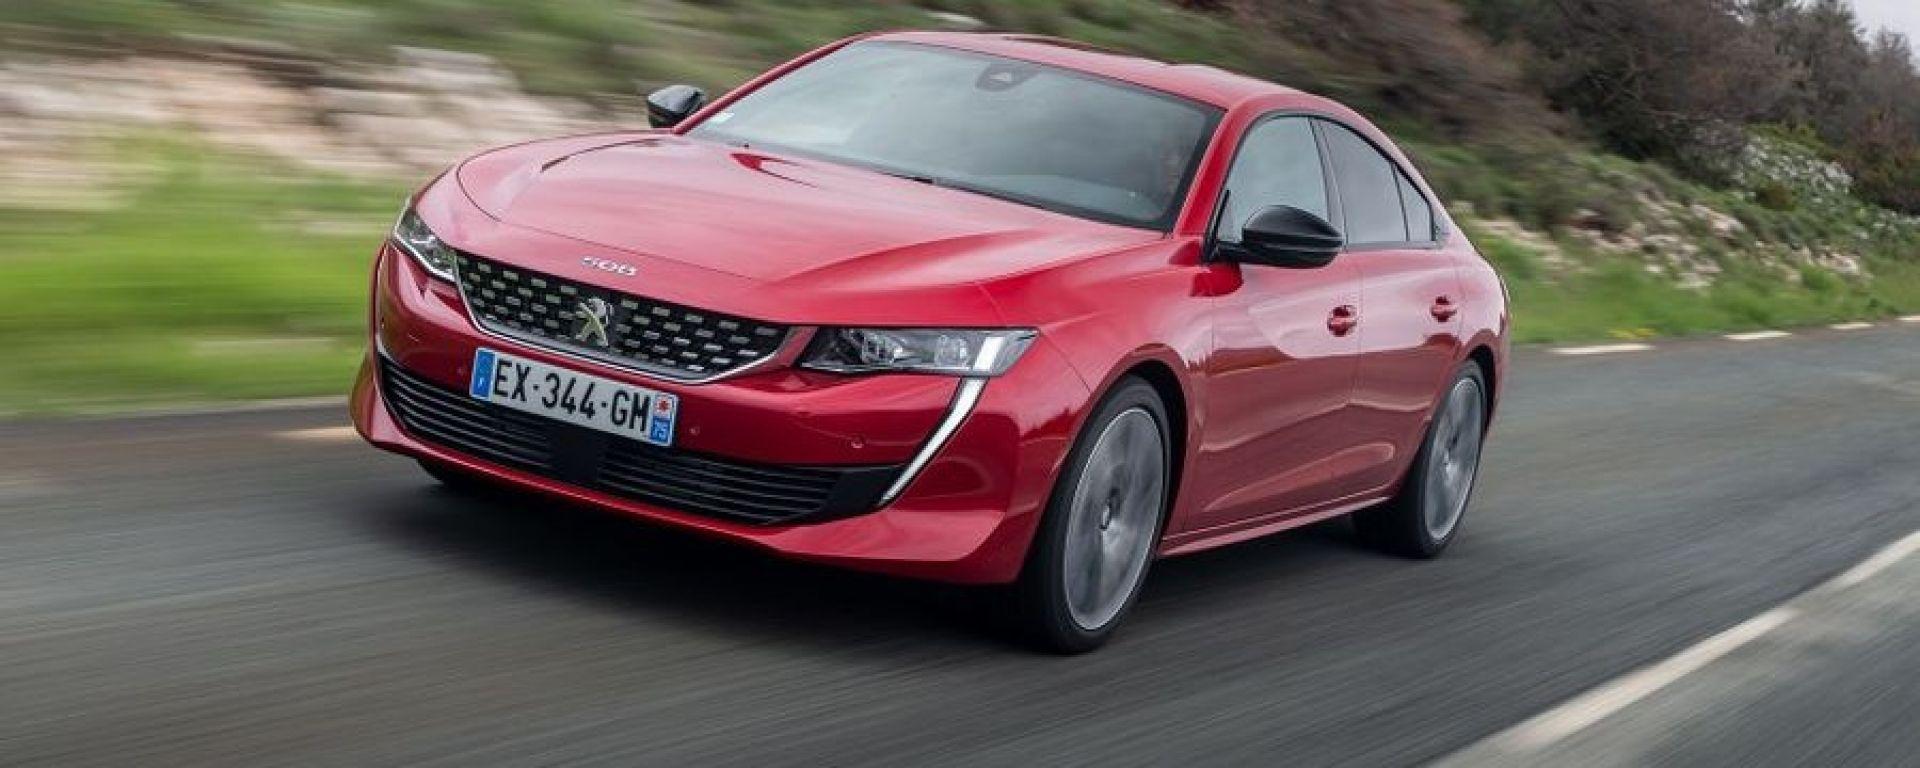 Andreucci e la sua Peugeot 508: ecco come si guida (video)